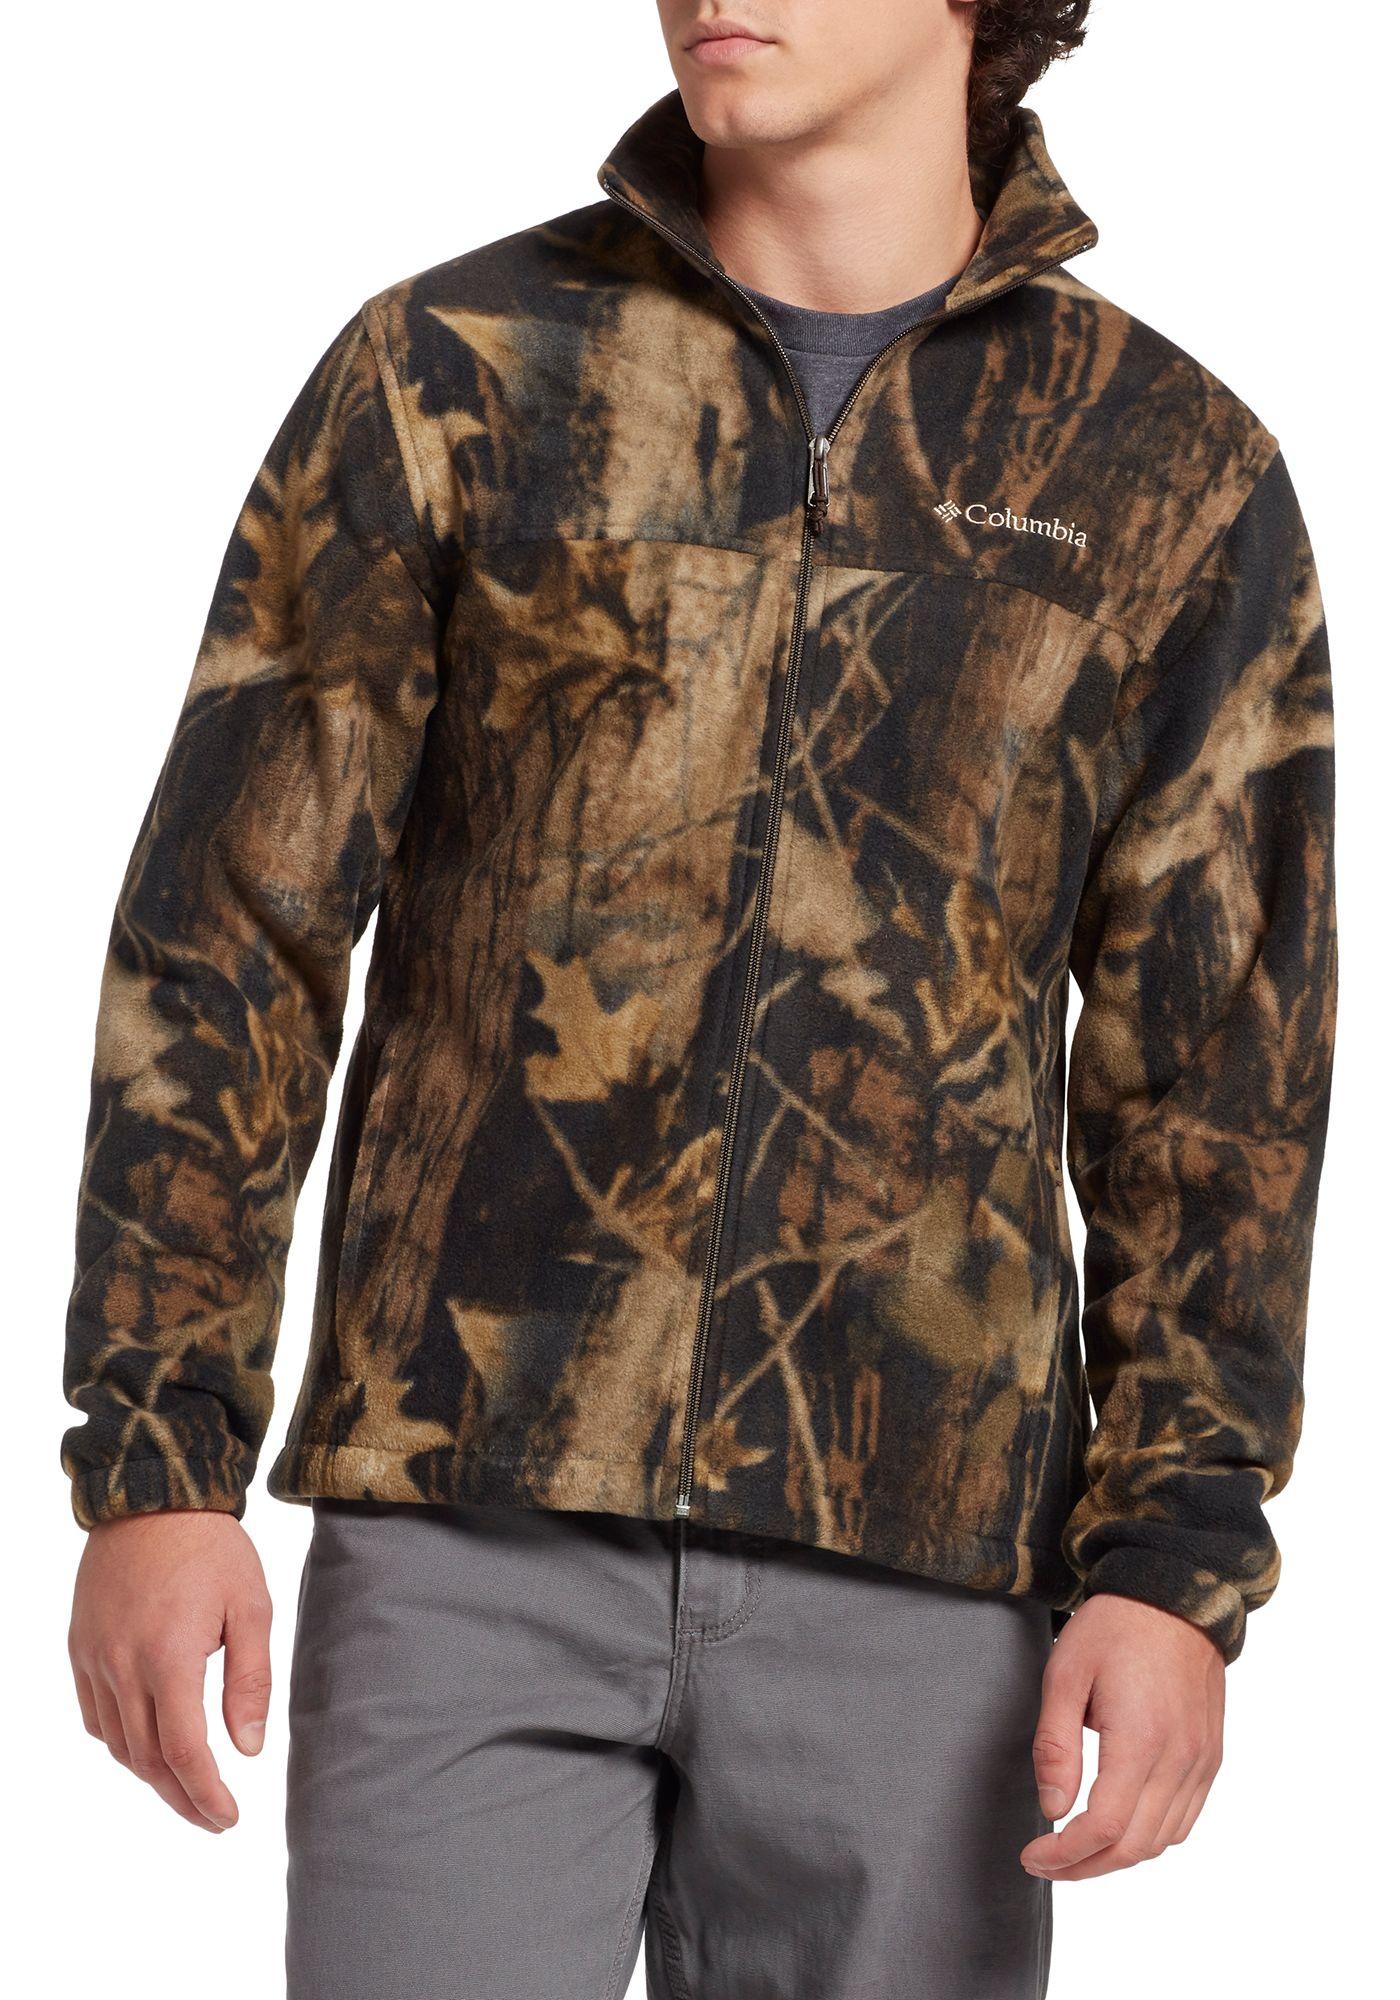 Columbia Men's Steens Mountain Print Fleece Jacket